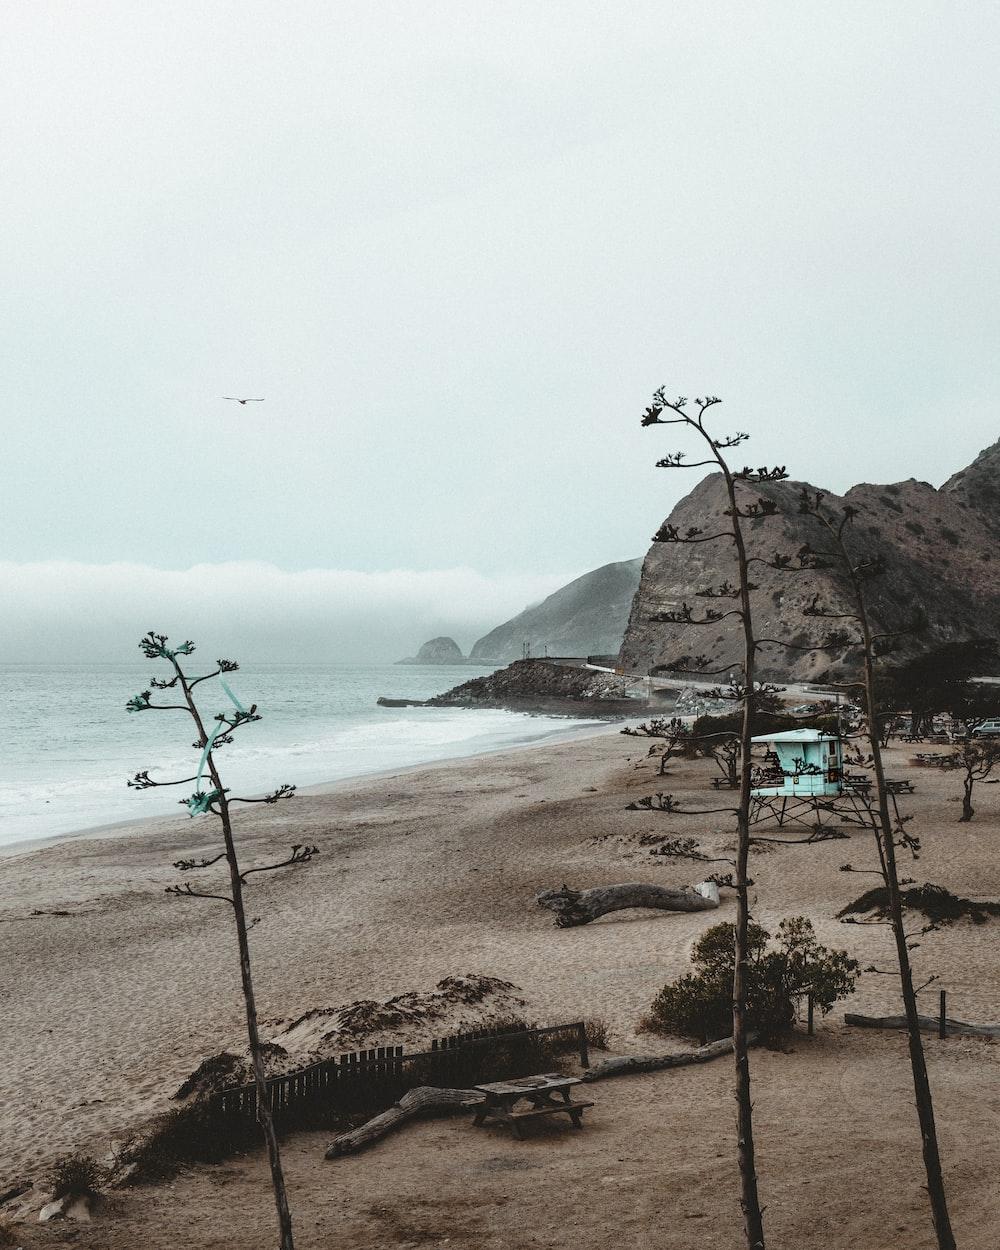 brown shore near mountain